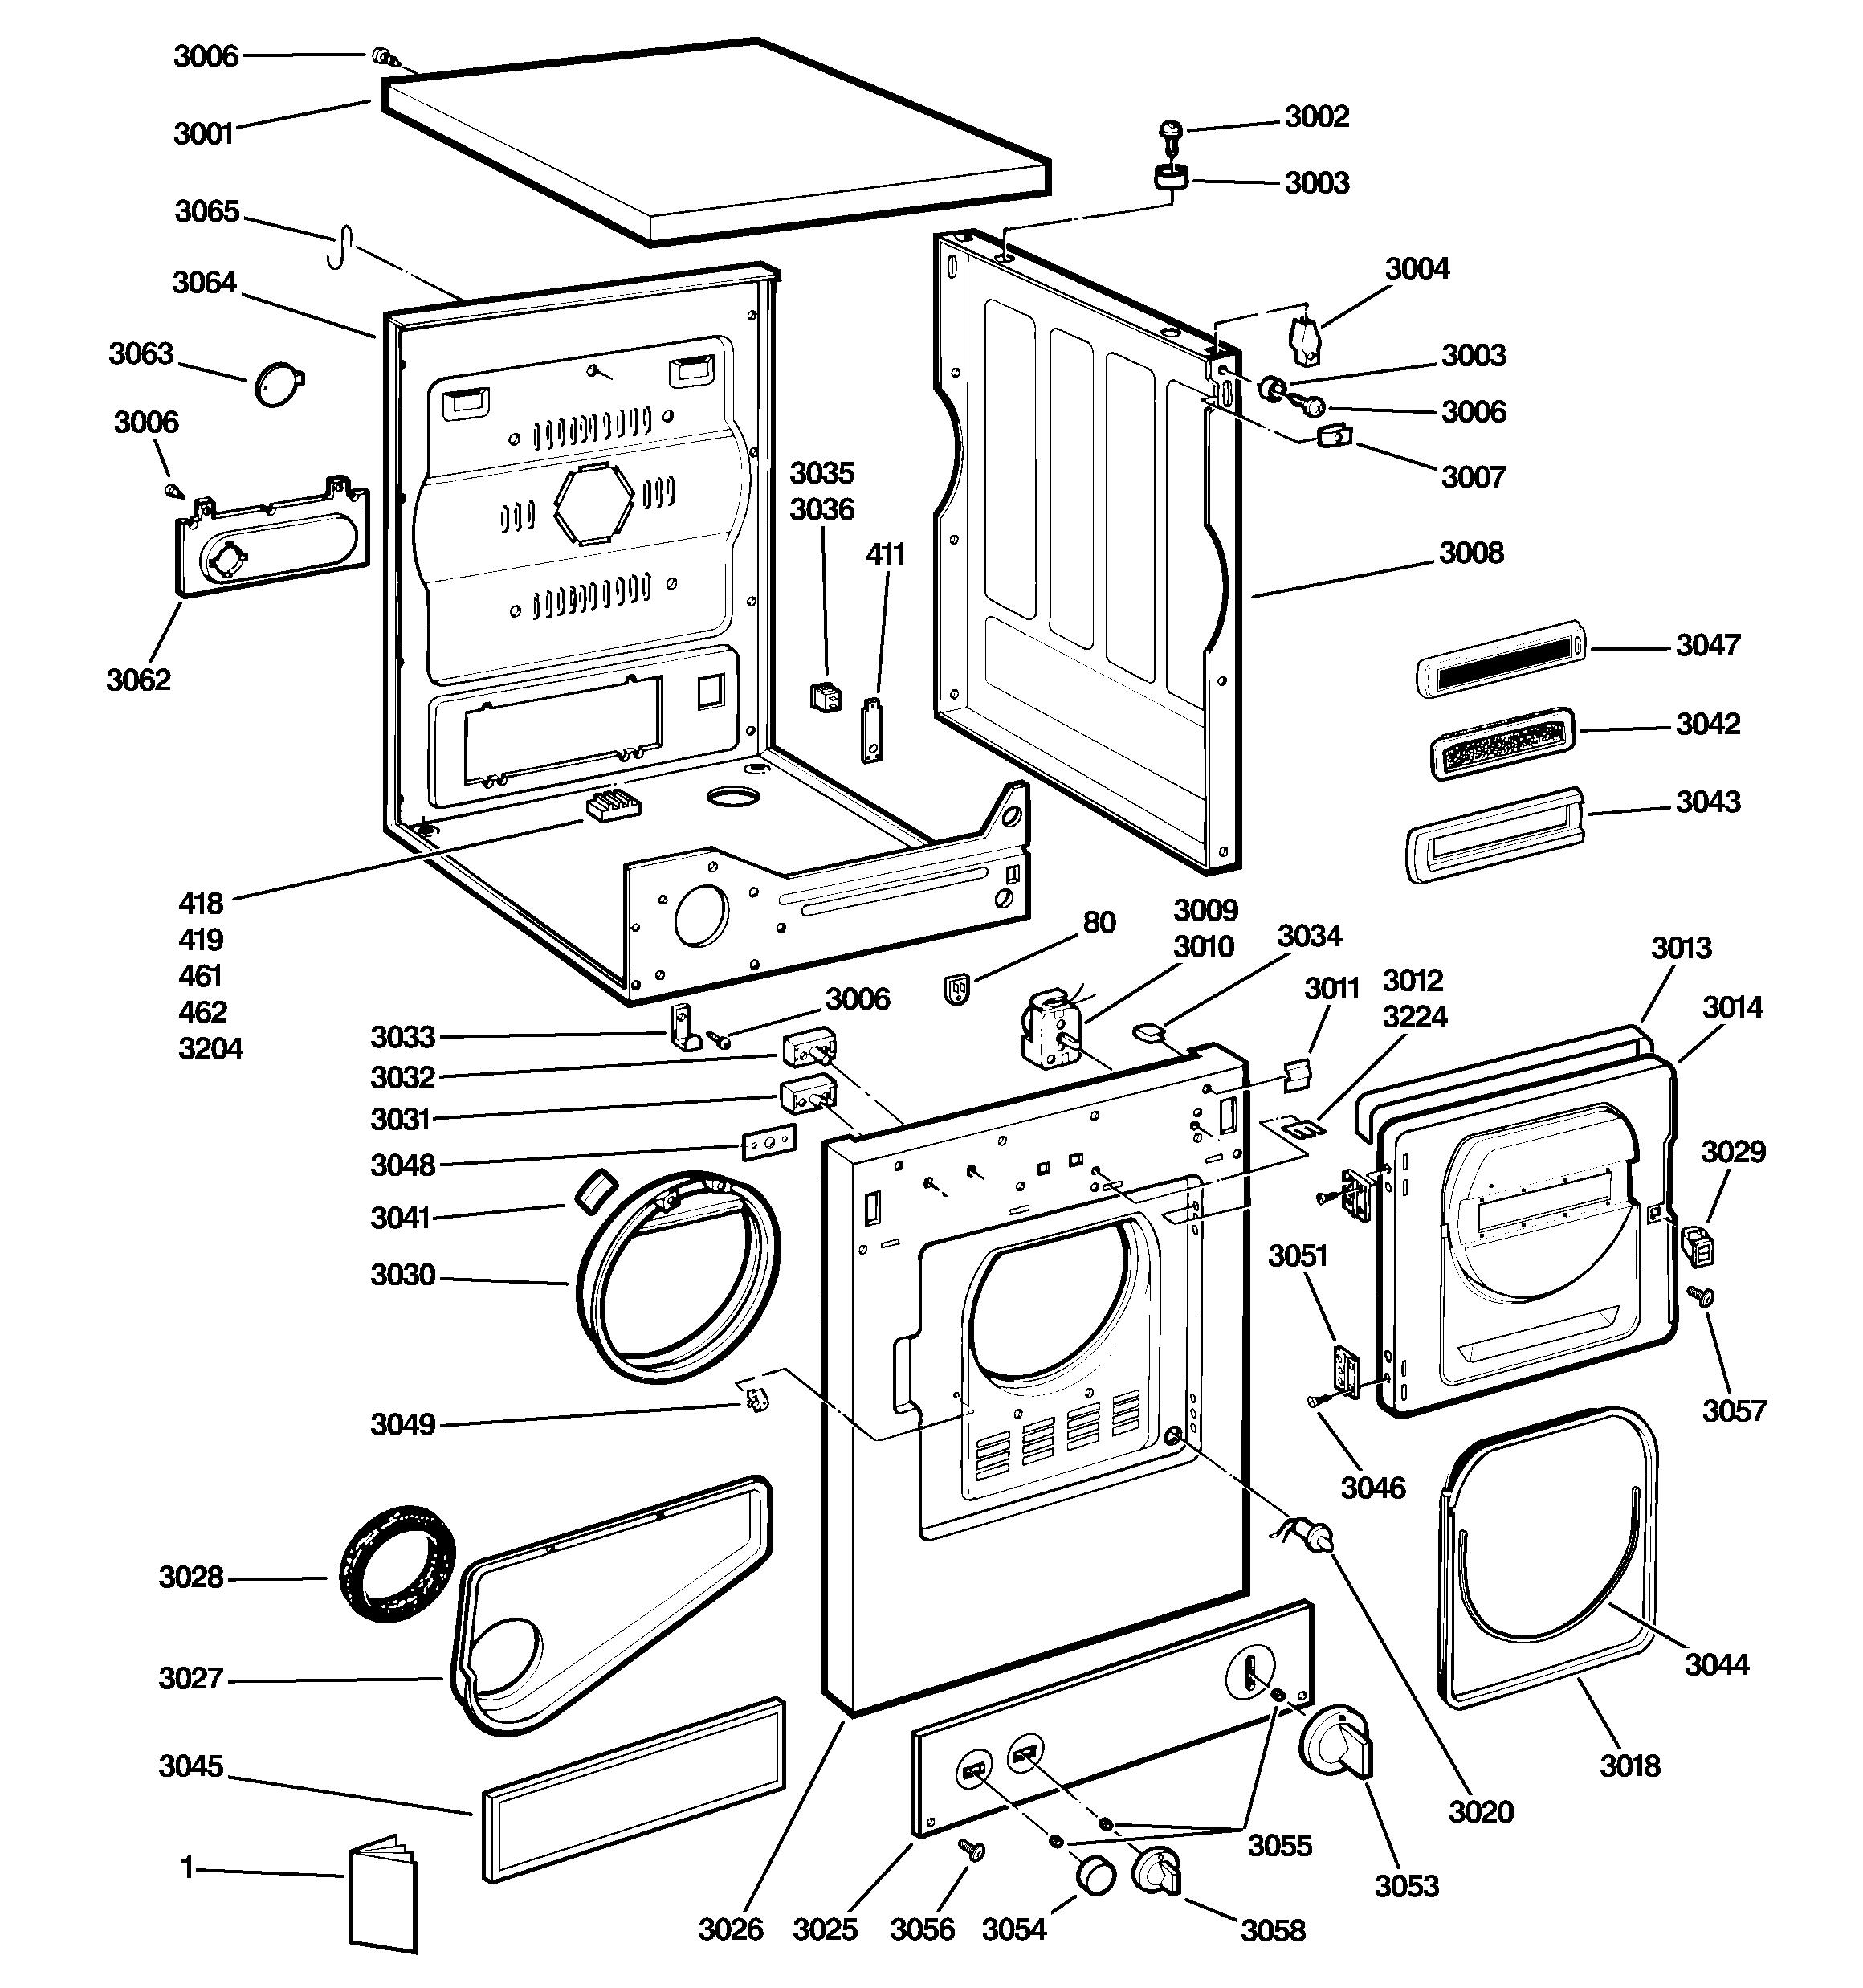 Ge Lint Filter We18M20 (Metal Screen) Partsreadyonline - Ge Dryer Wiring Diagram